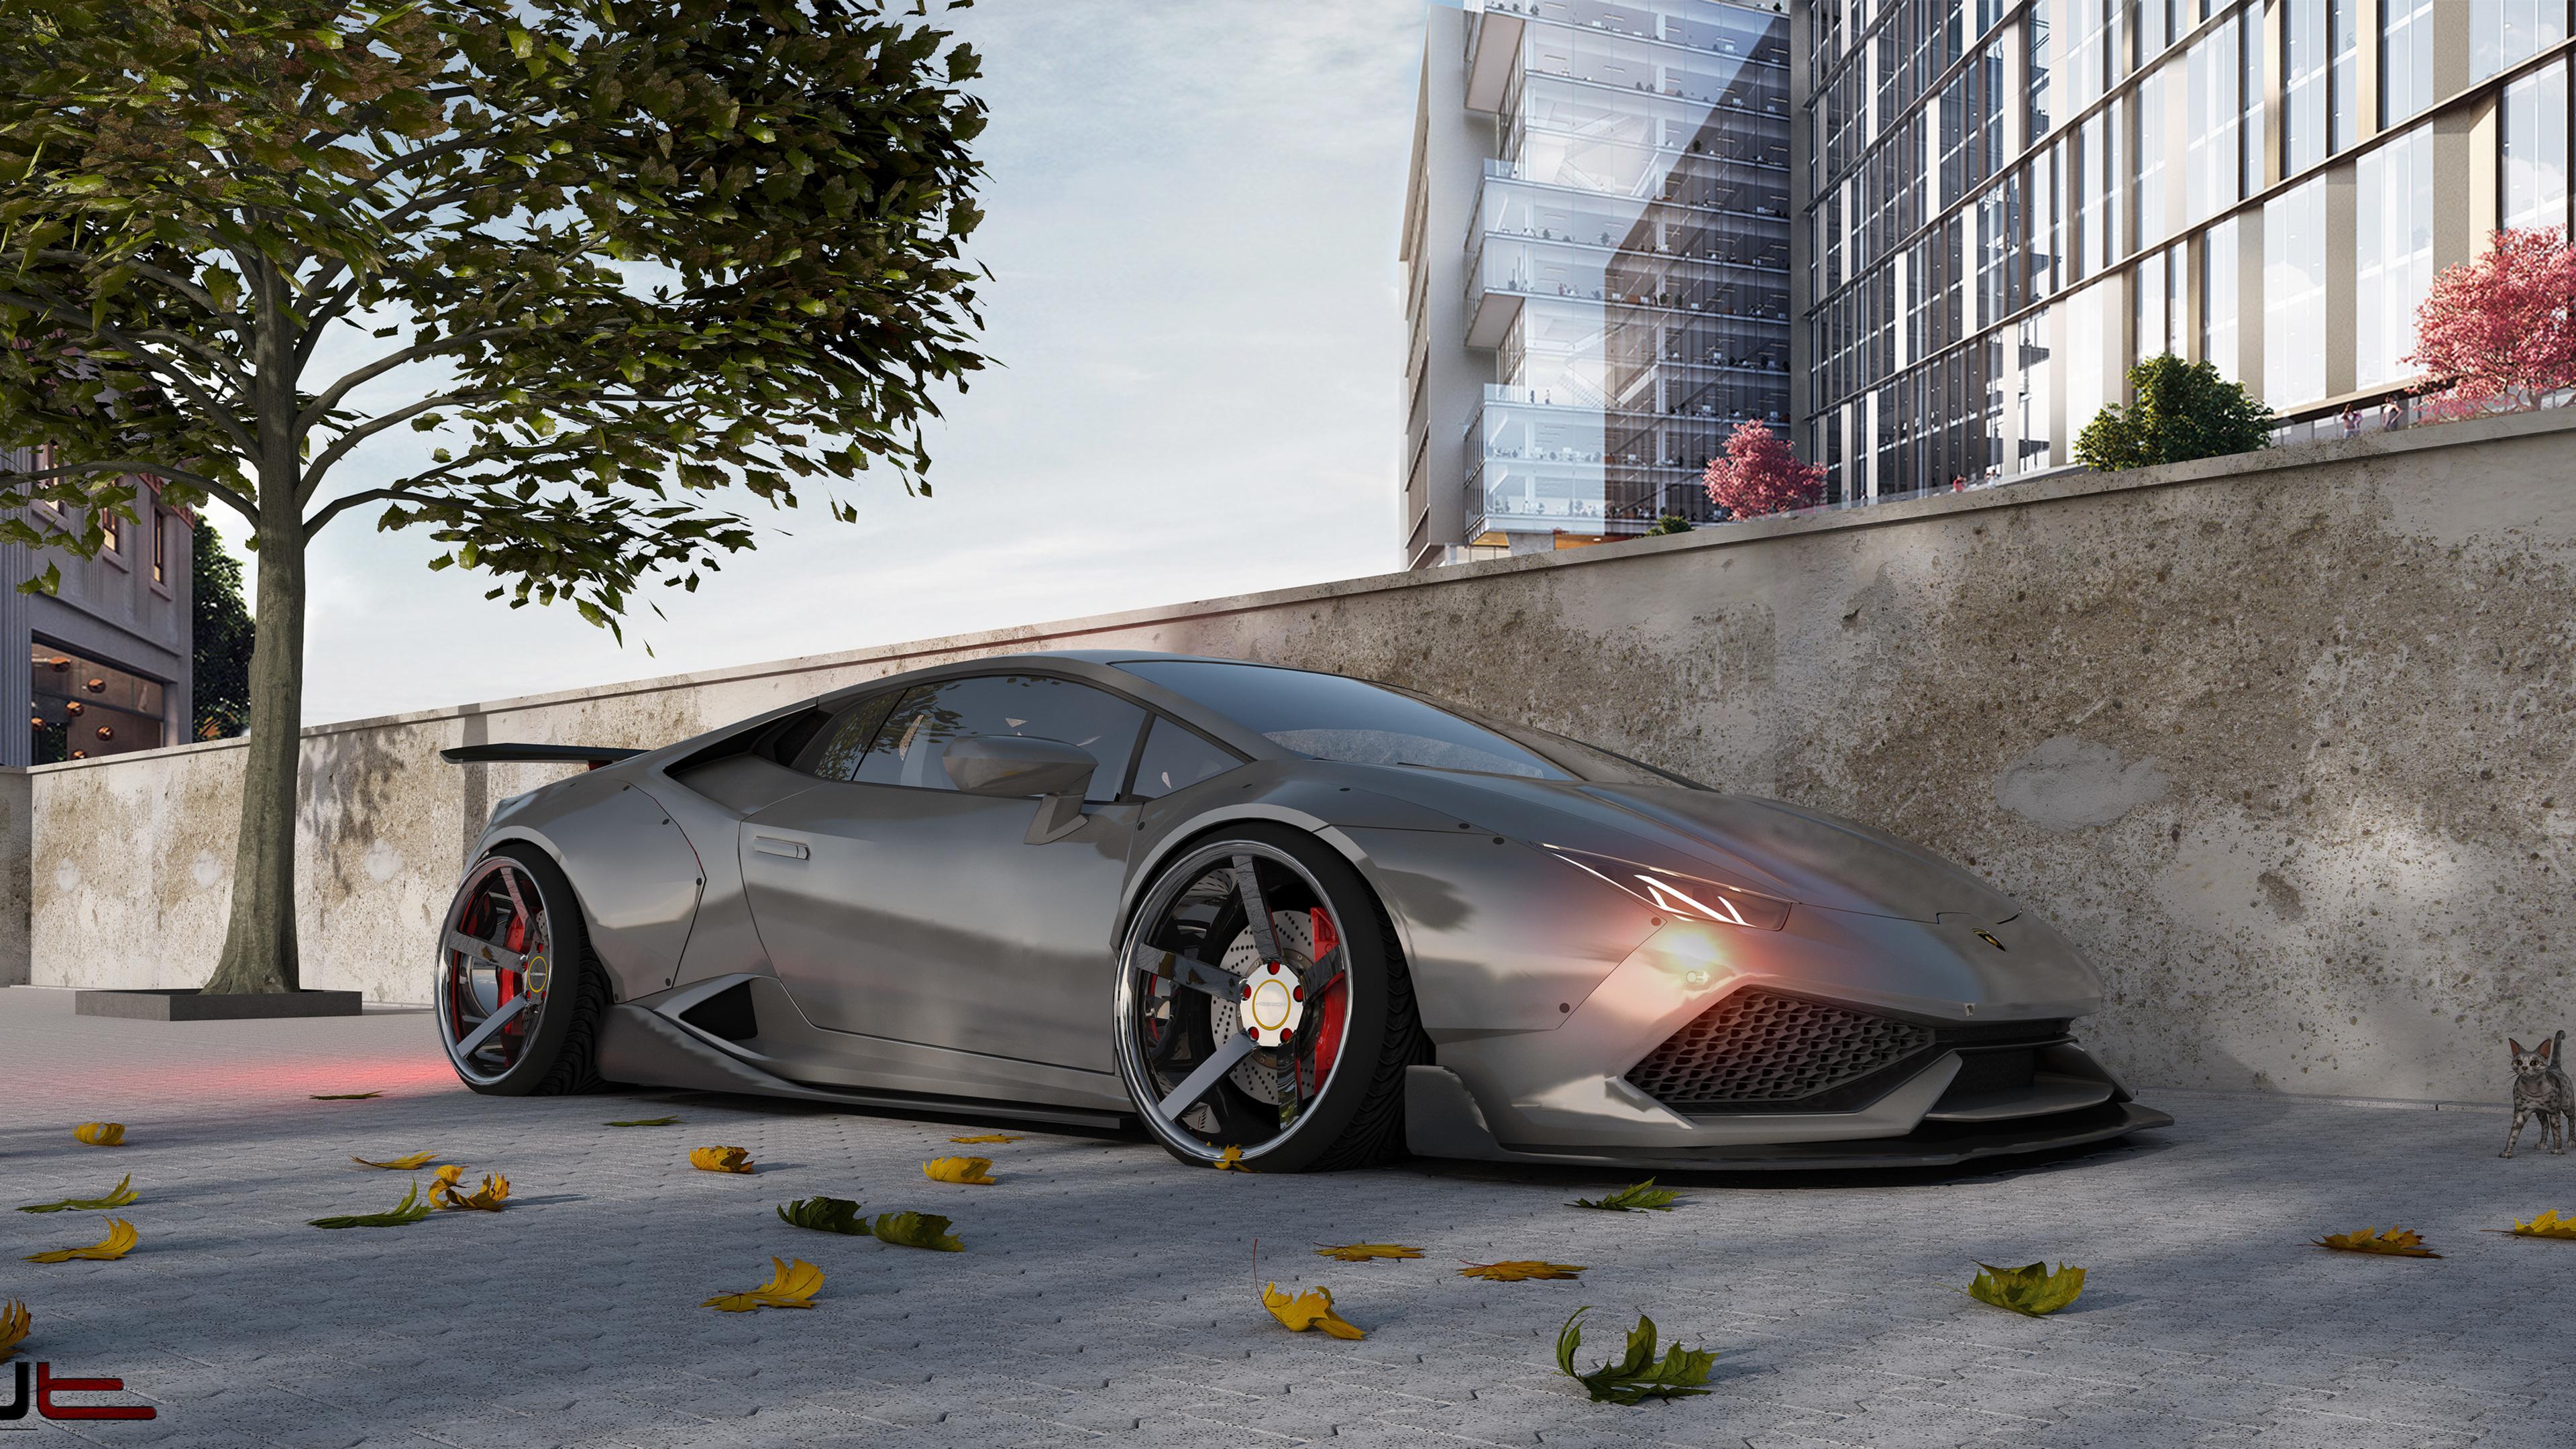 lamborghini aventador roadster cgi 4k 1539114417 - Lamborghini Aventador Roadster CGI 4k - lamborghini wallpapers, lamborghini aventador wallpapers, hd-wallpapers, cgi wallpapers, cars wallpapers, behance wallpapers, 4k-wallpapers